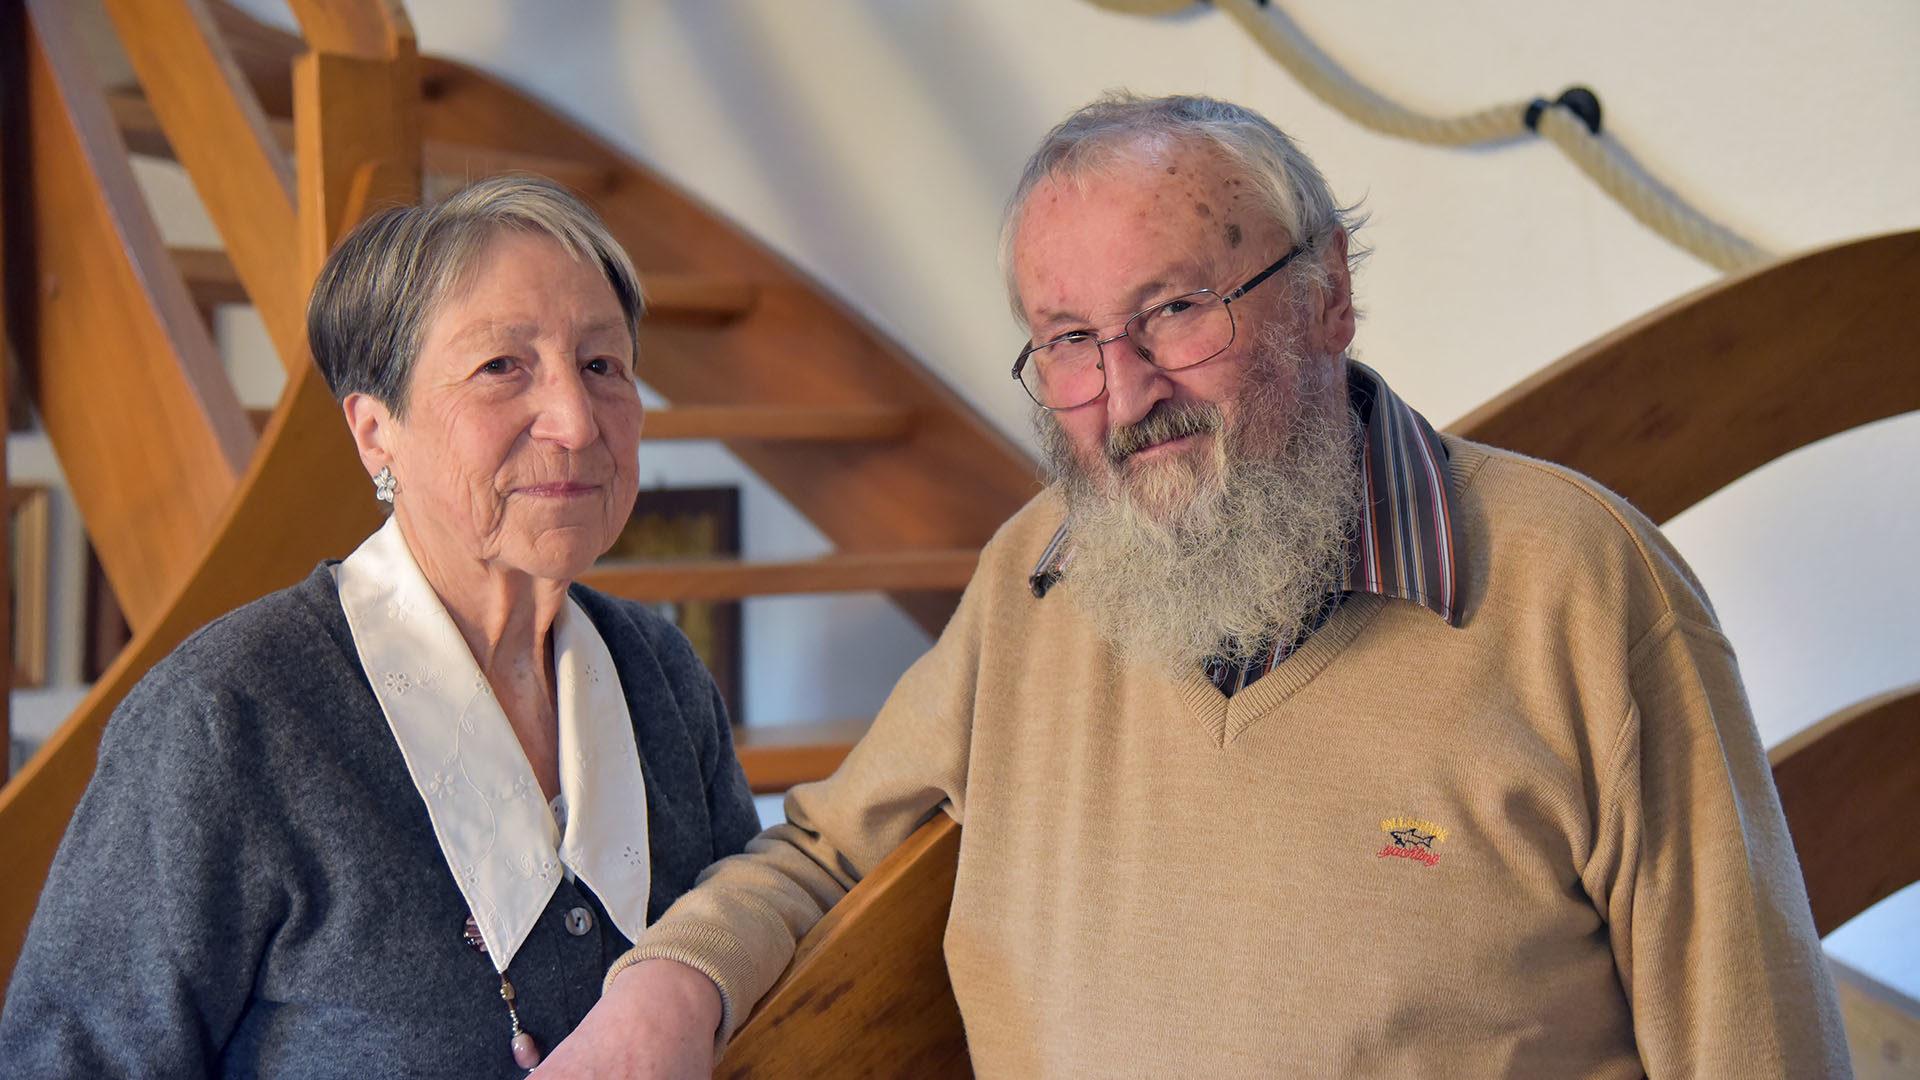 rencontres catholiques seniors grisons